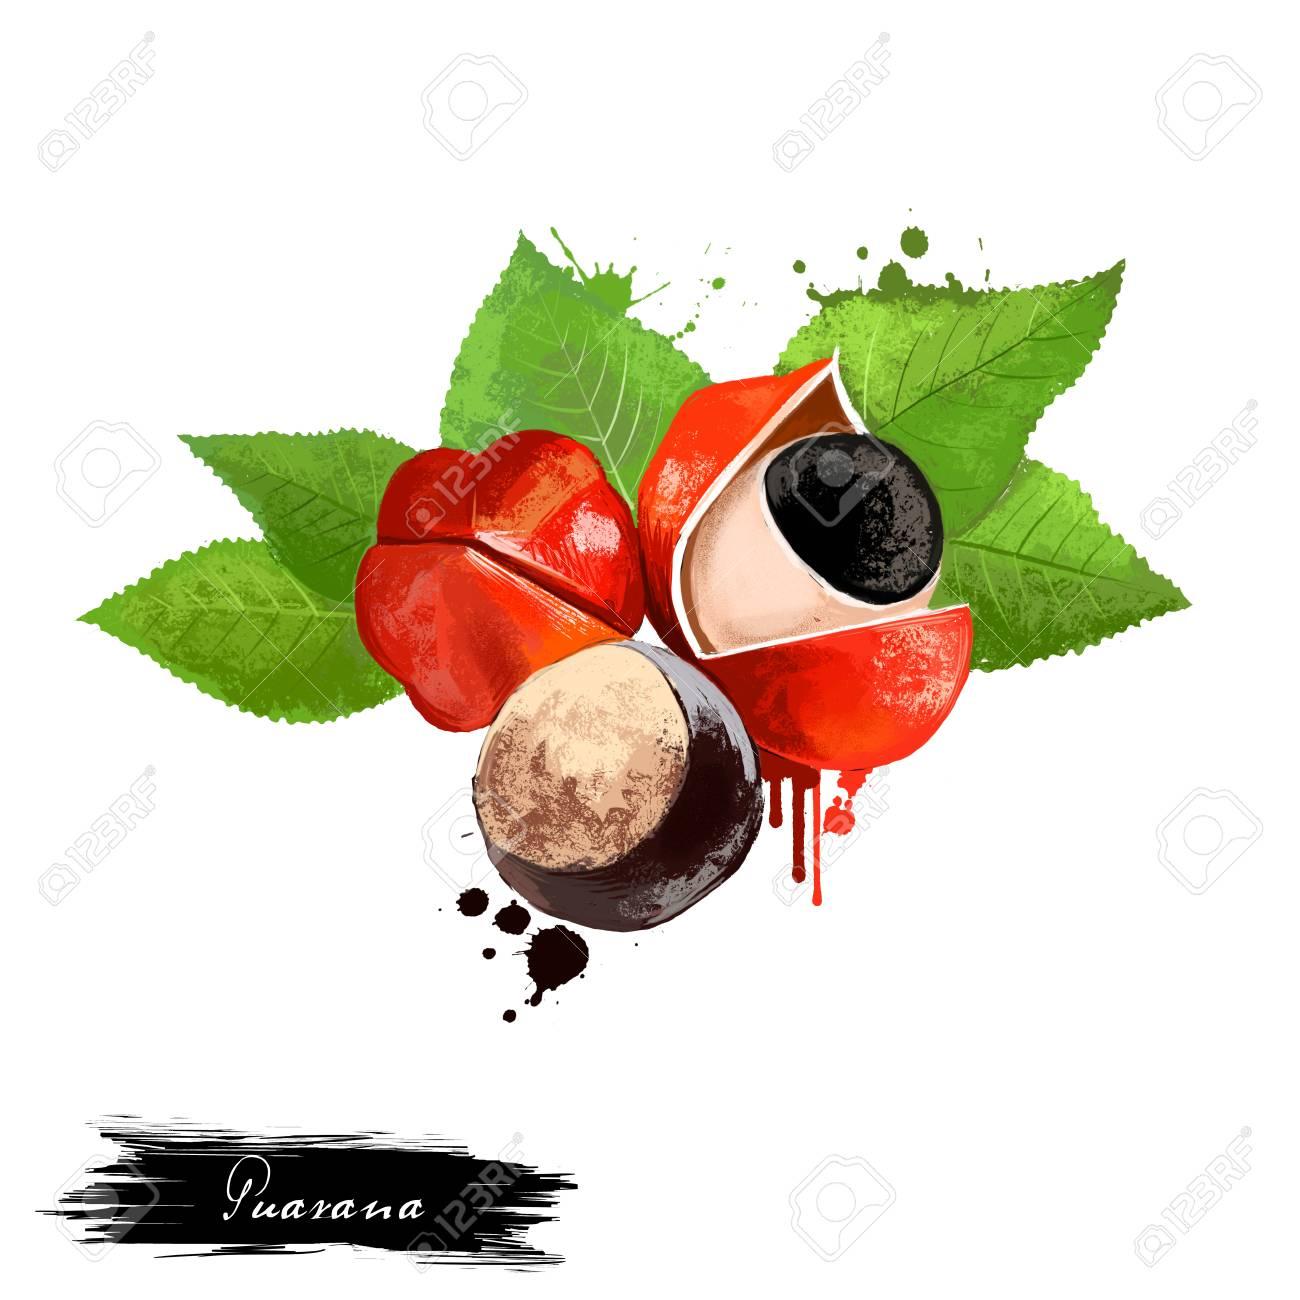 Fruit De Guarana Isolé Sur Fond Blanc Paullinia Cupana Plante Grimpante De La Famille De L érable Sapindaceae Fruit Coloré Savoureux Dessin Coloré